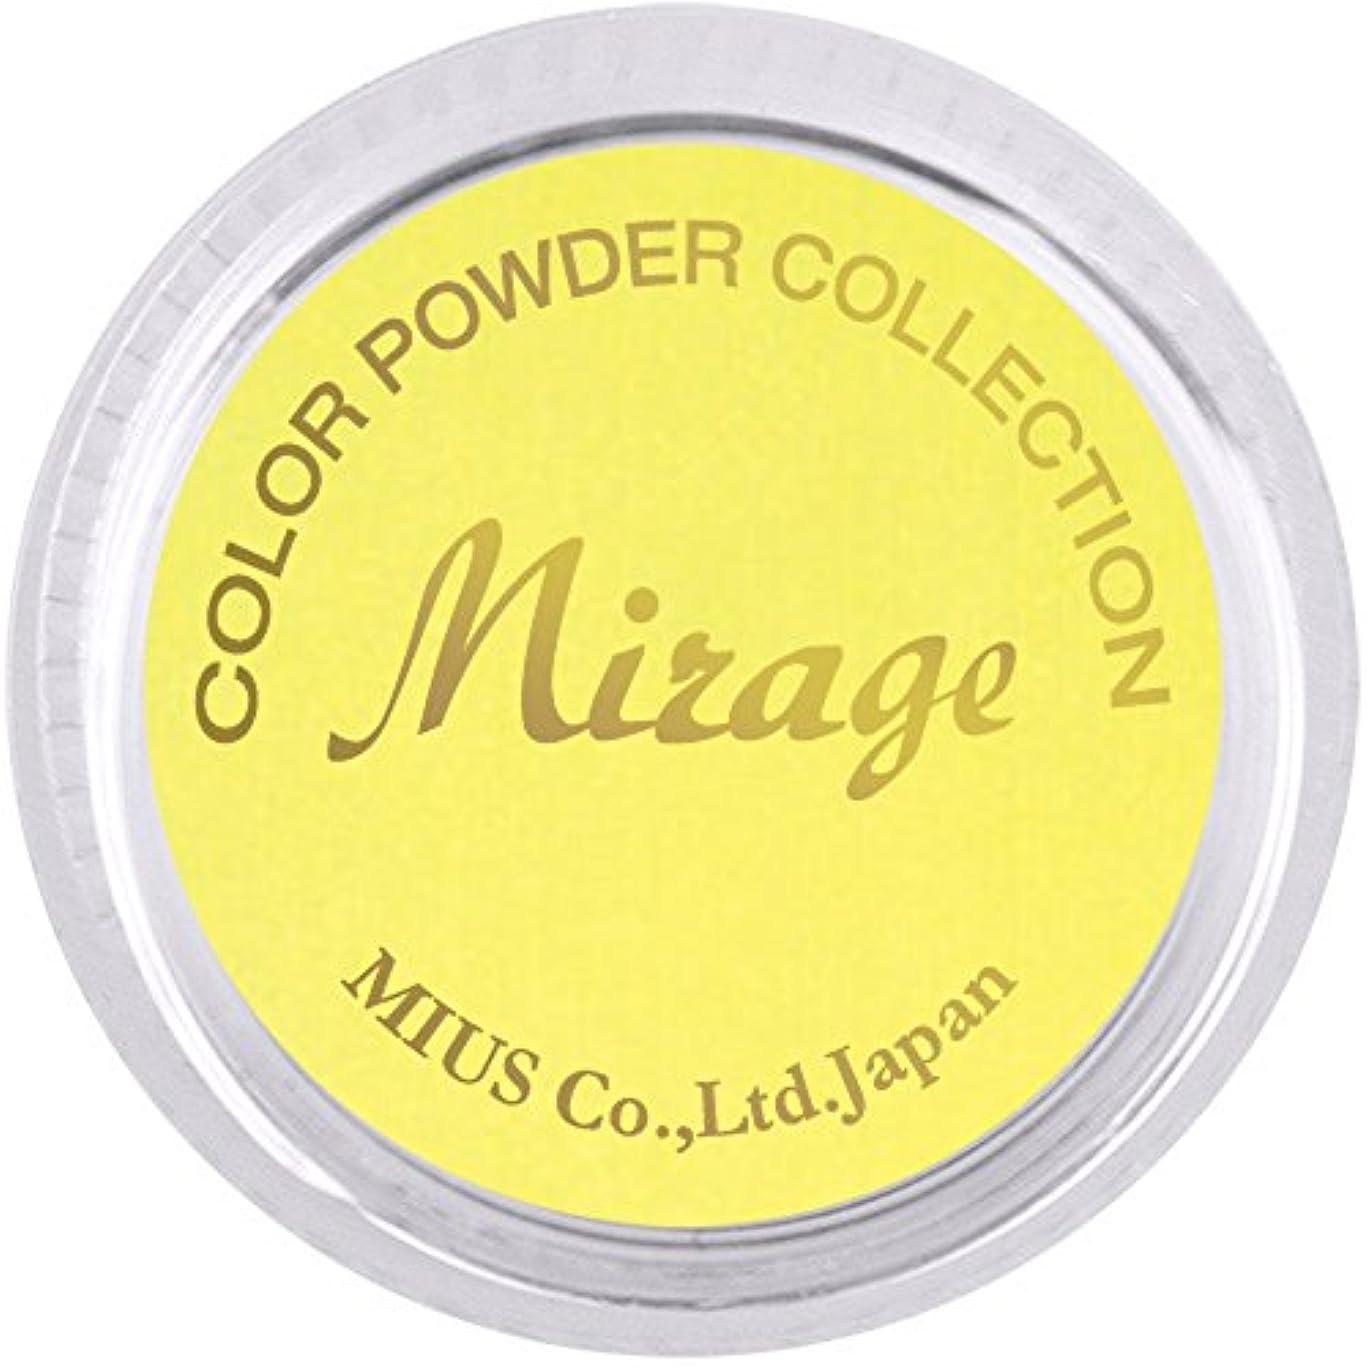 も慢海外でミラージュ カラーパウダー N/WBP-1  7g  アクリルパウダー はっきり鮮やかなパステルカラー